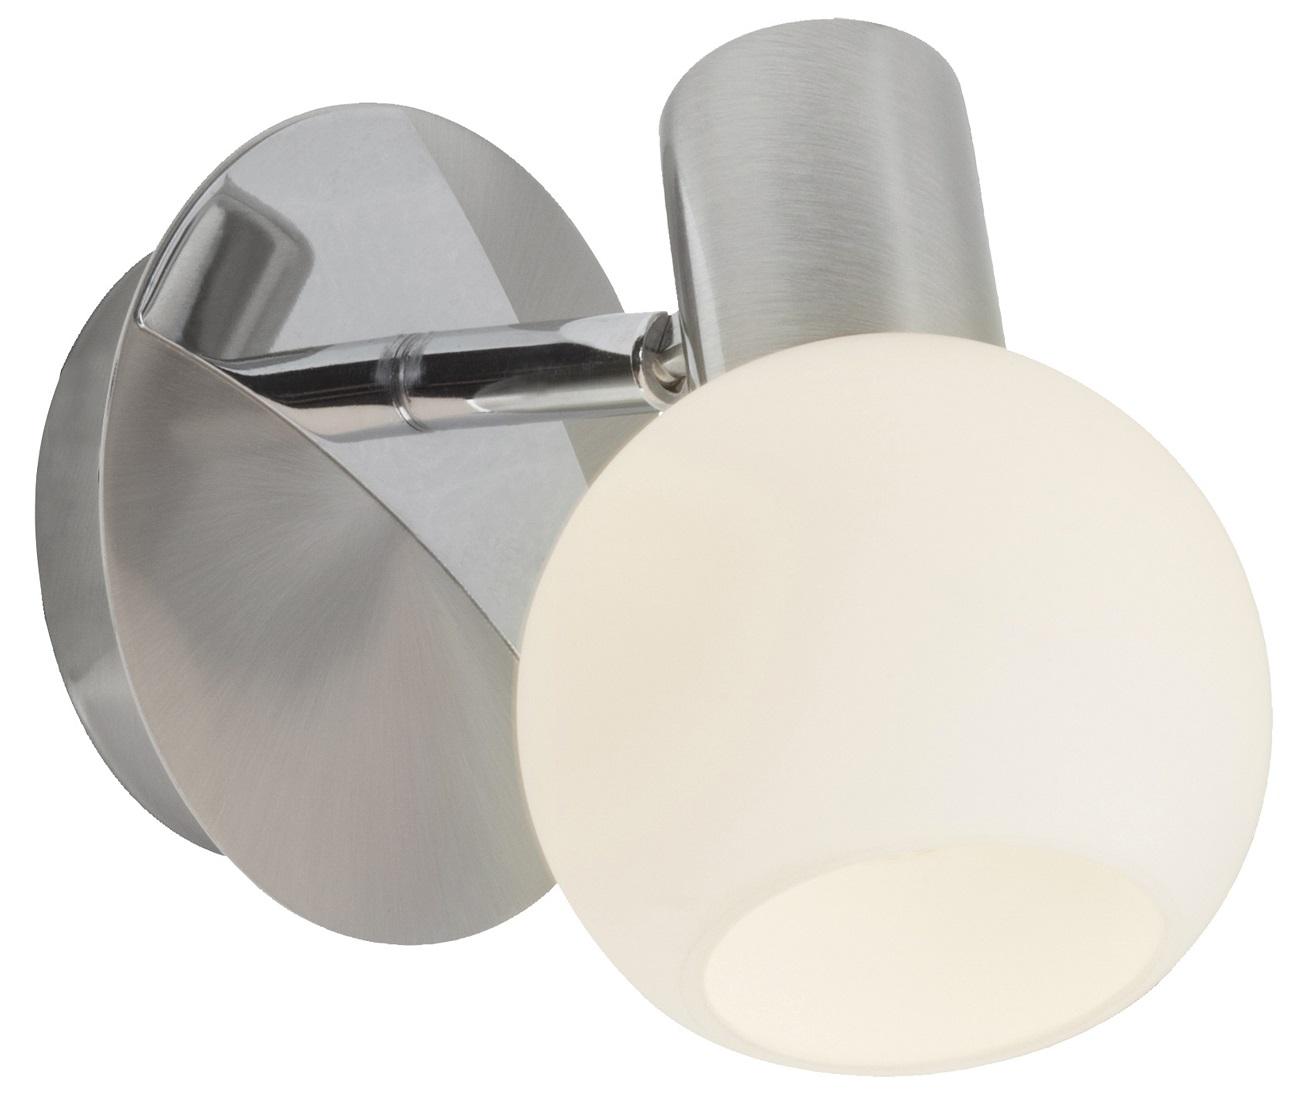 Wandlamp Tinna 1xE14 40Watt in chroom met wit | Brilliant